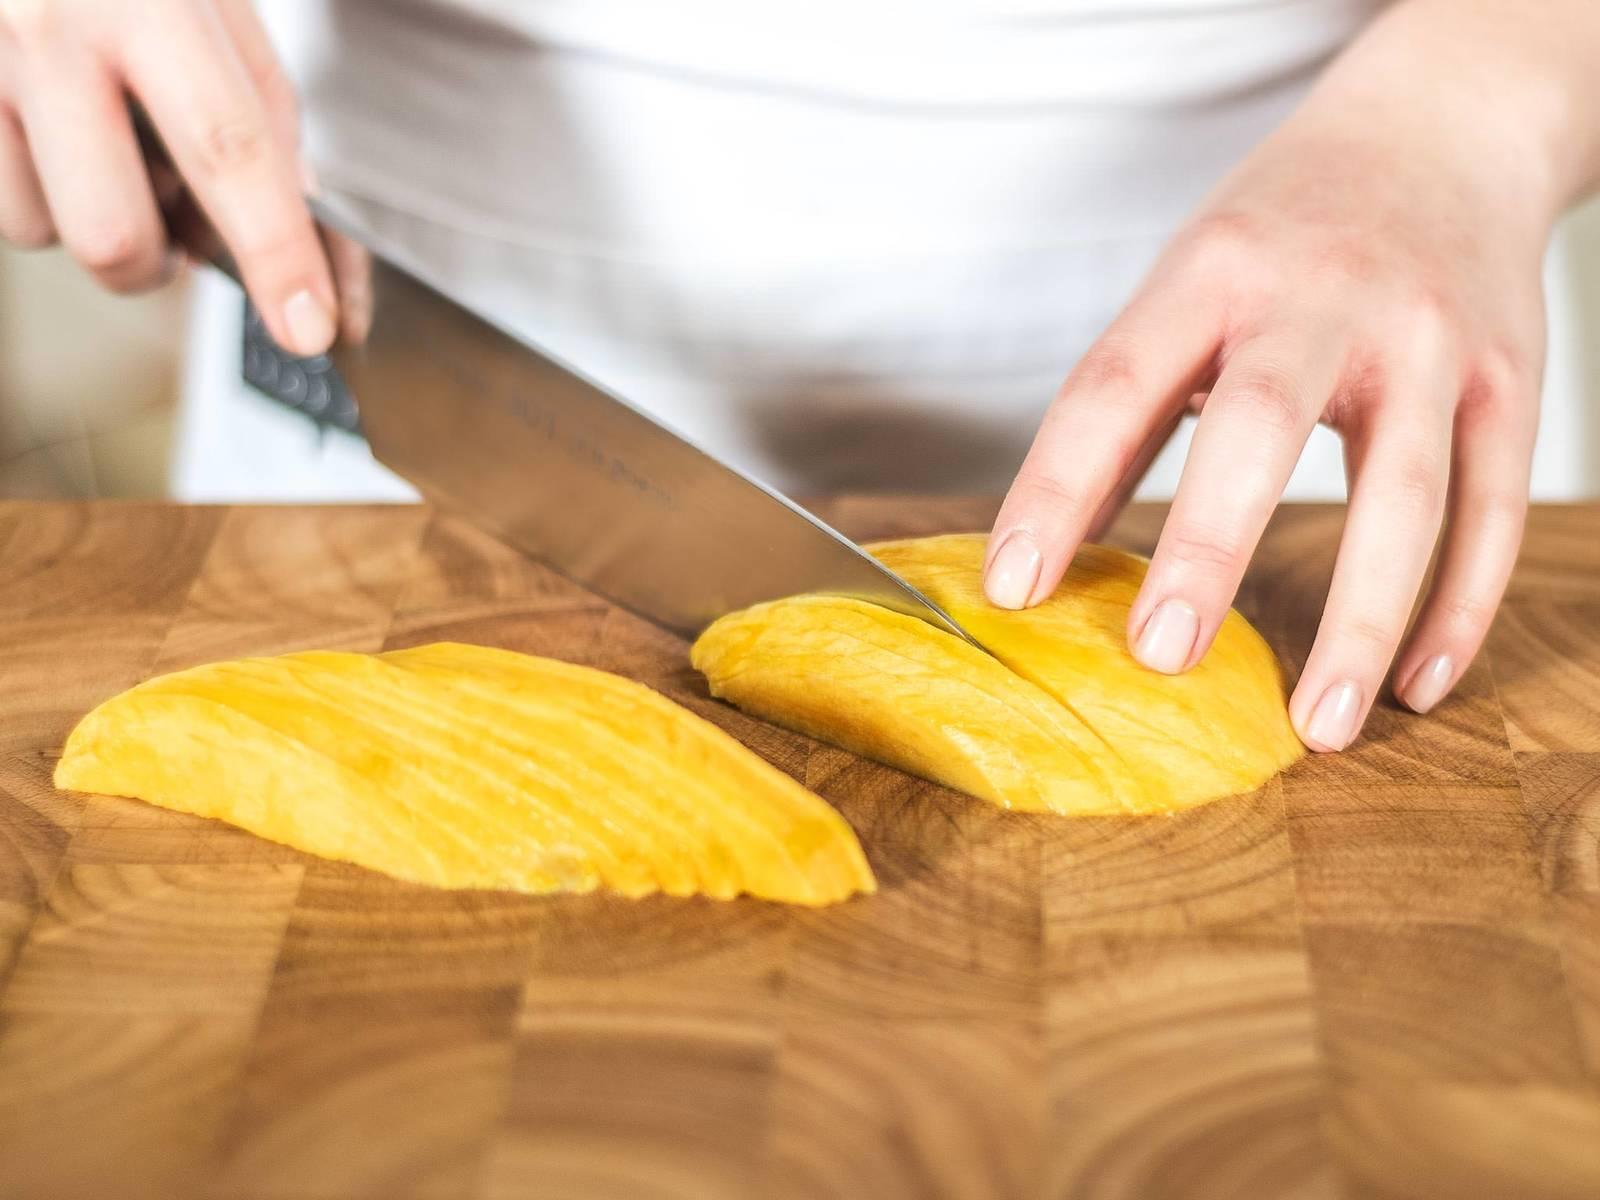 将芒果去皮,贴果核将果肉片下,再切成薄片。